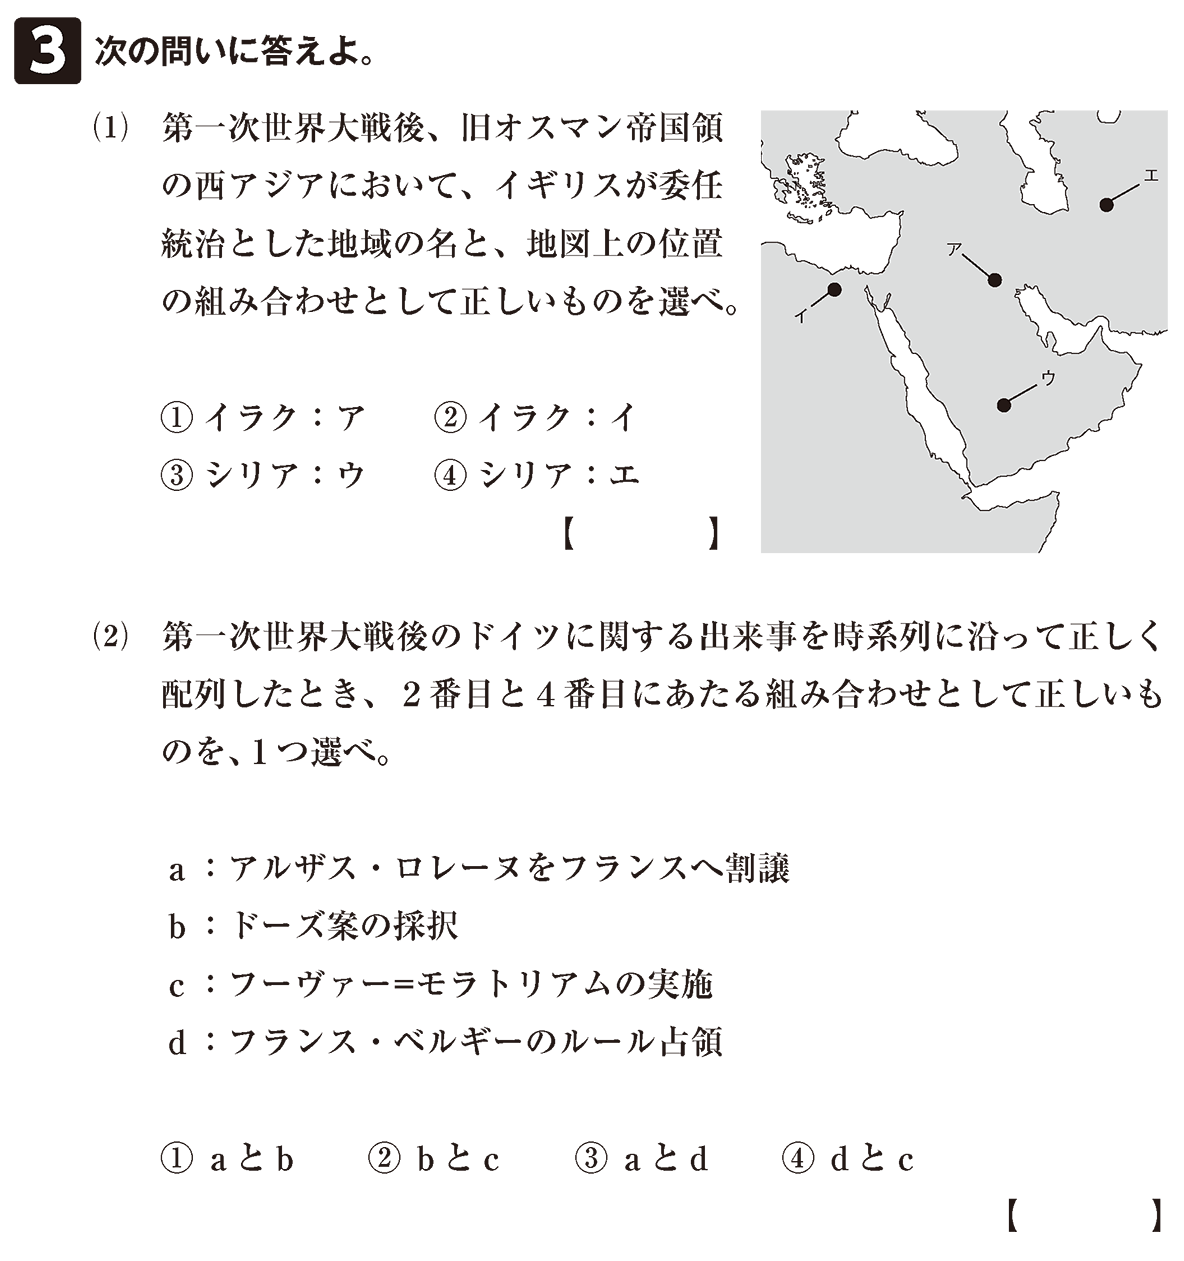 ヴェルサイユ体制とワシントン体制6 確認テスト(後半)